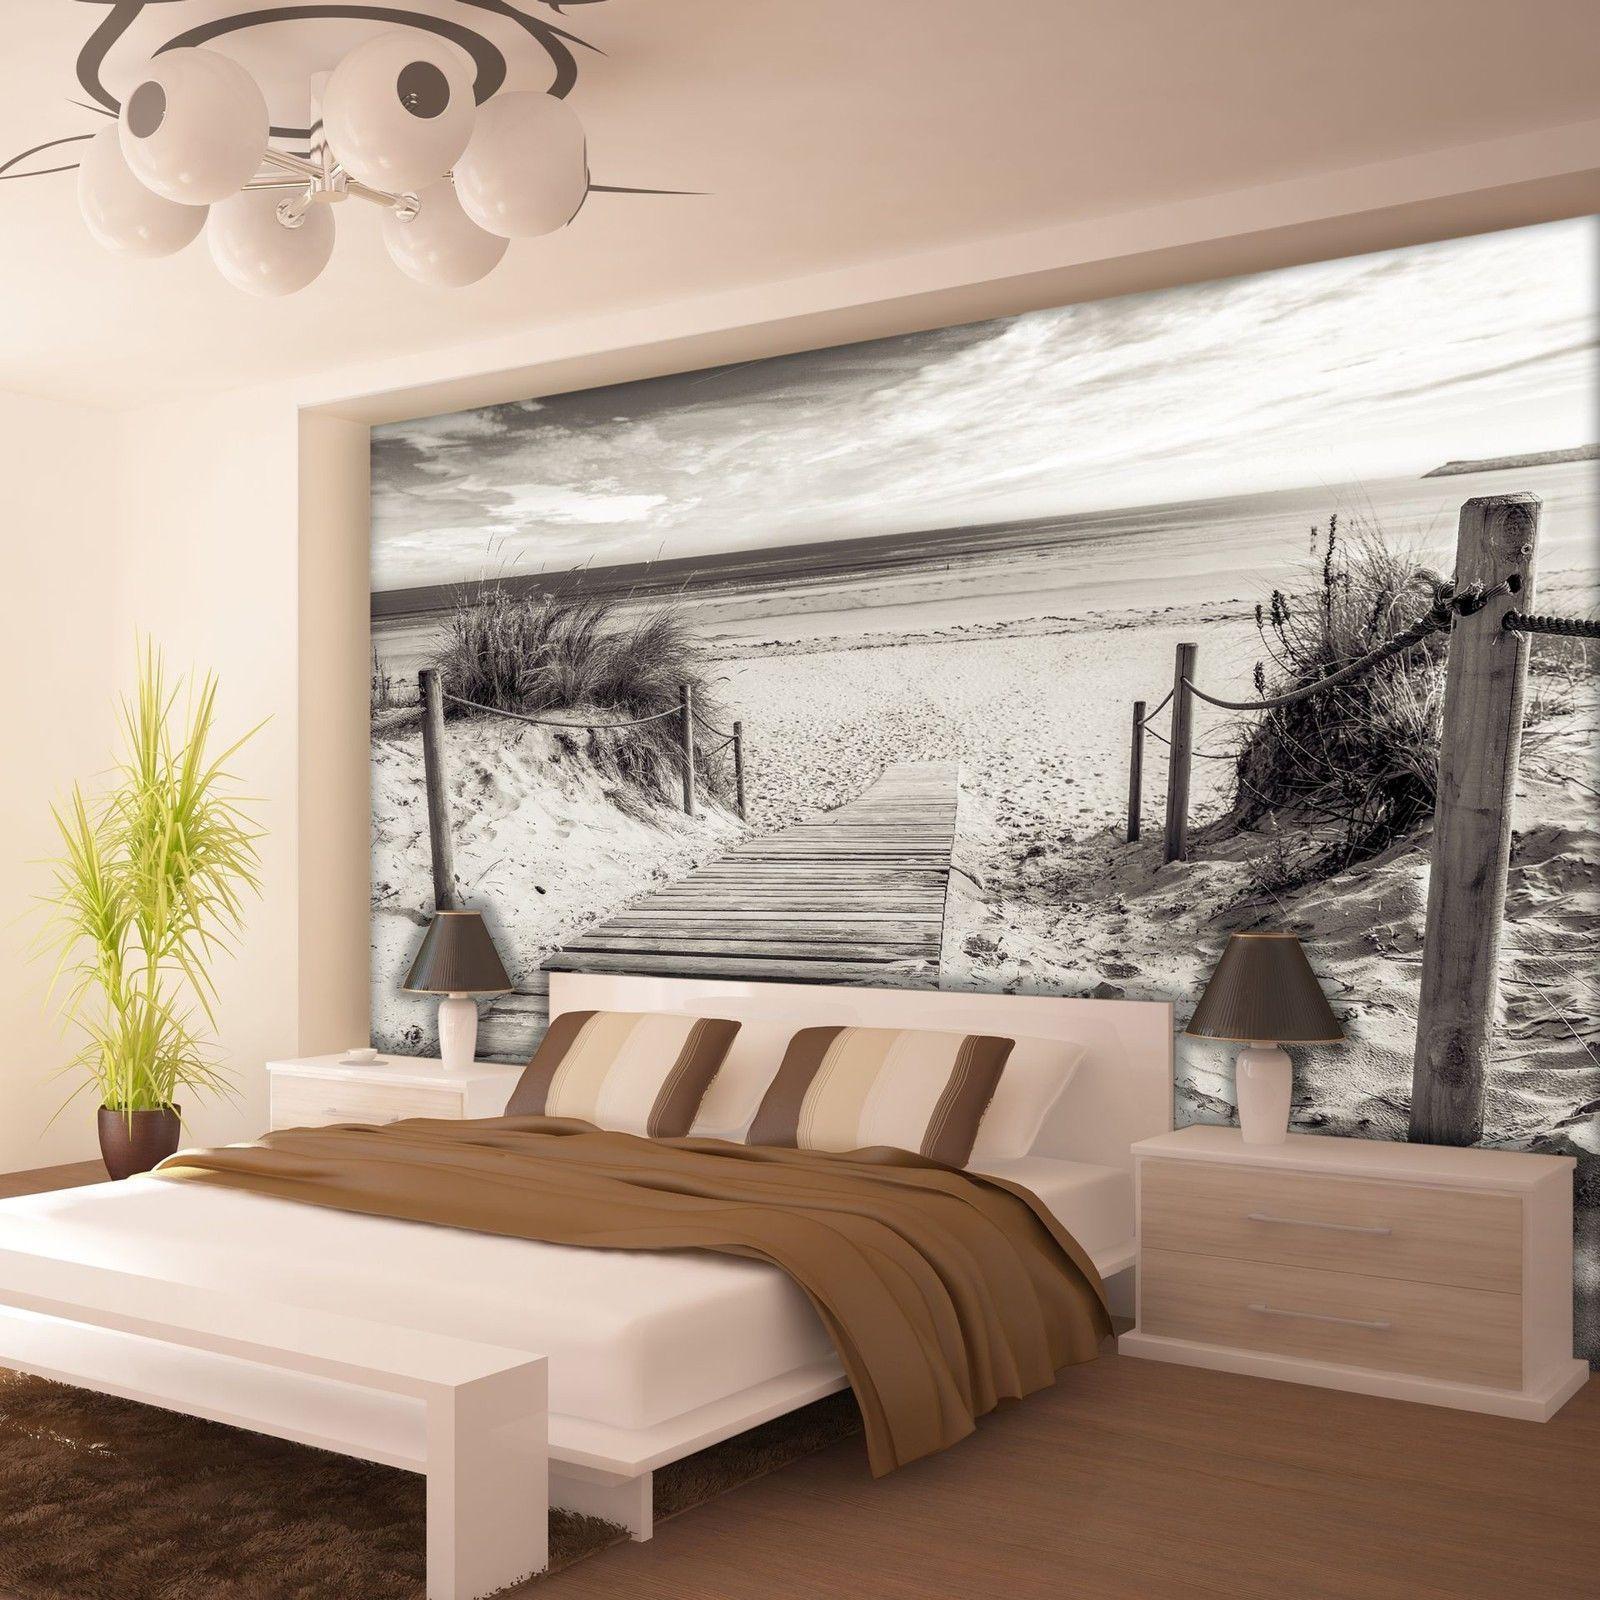 schlafzimmer gestalten strand wohnzimmer w nde streichen. Black Bedroom Furniture Sets. Home Design Ideas